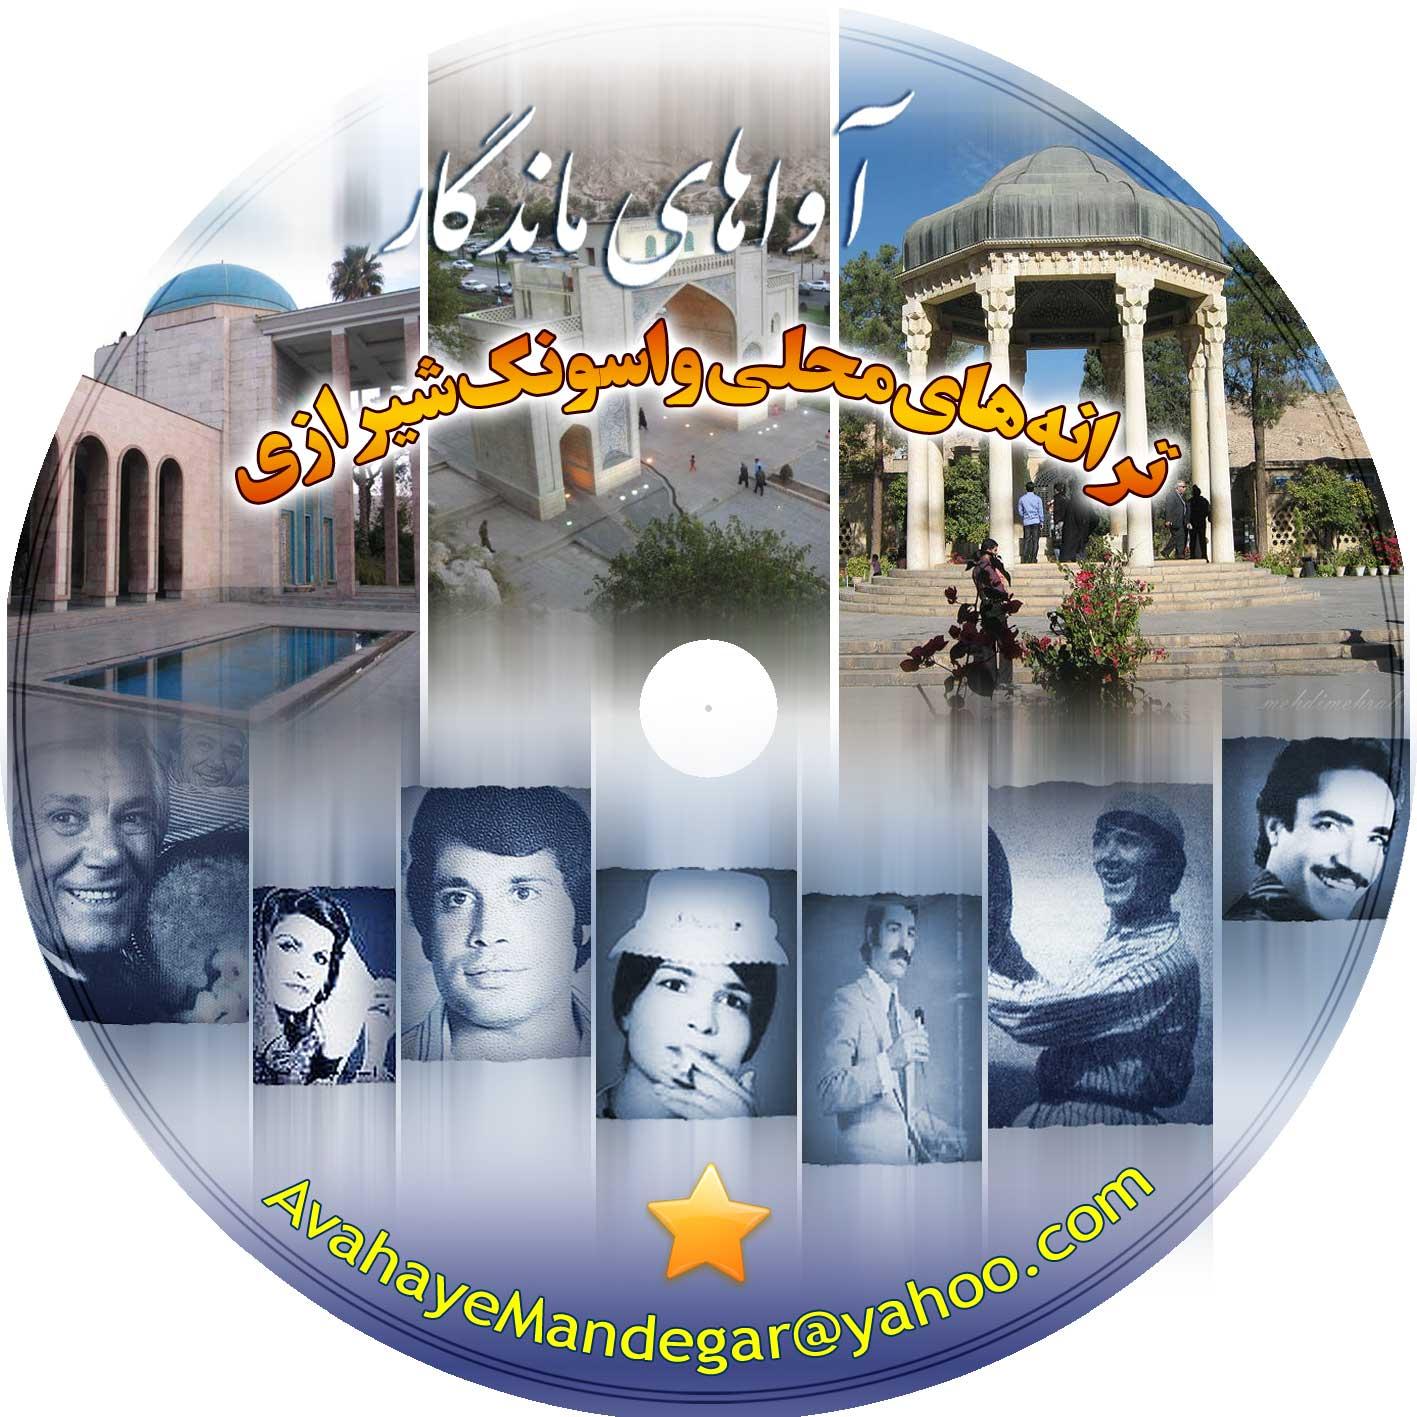 محلی واسونک شیرازی